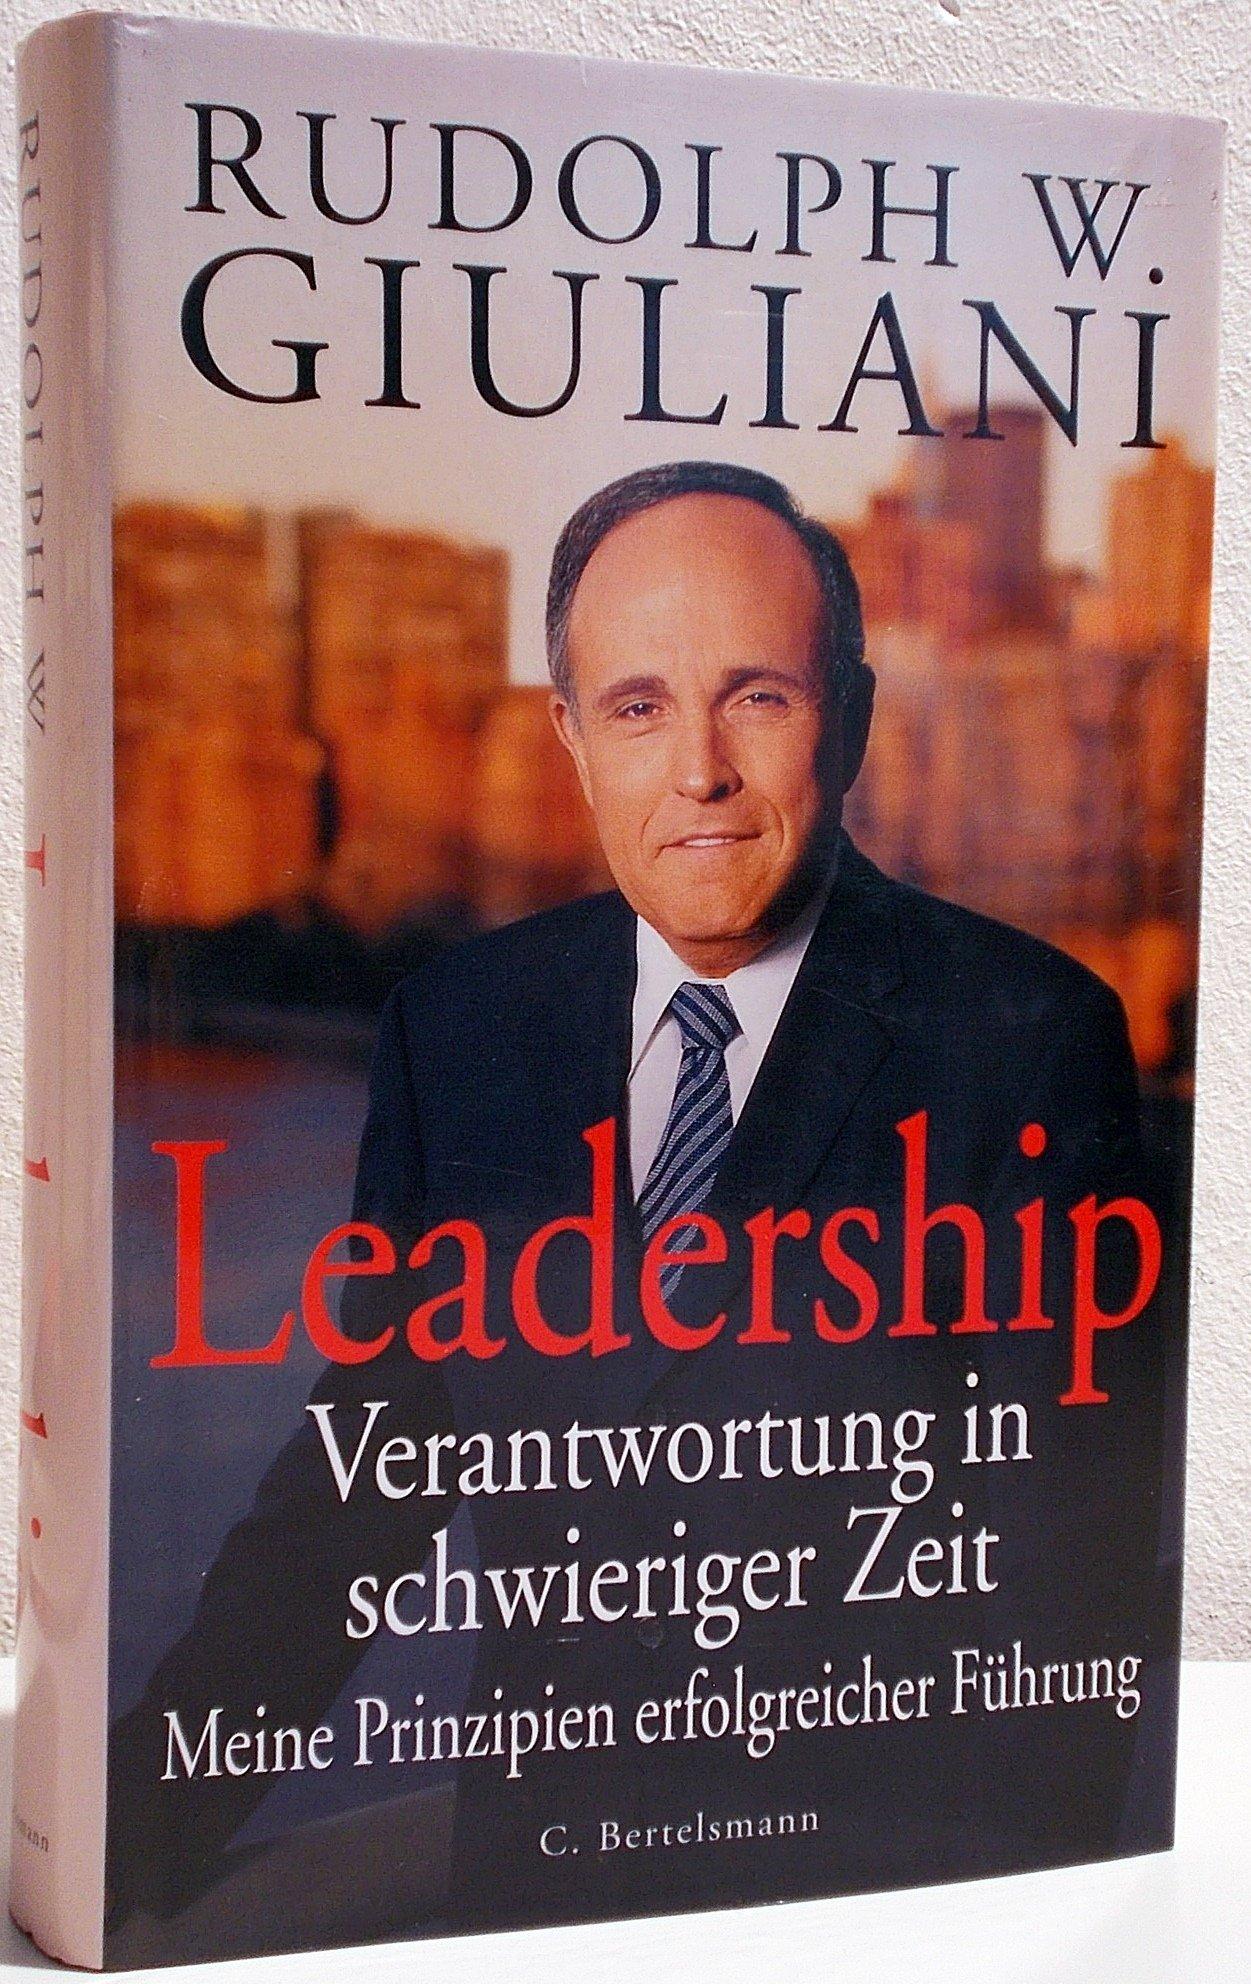 leadership-verantwortung-in-schwieriger-zeit-meine-prinzipien-erfolgreicher-fhrung